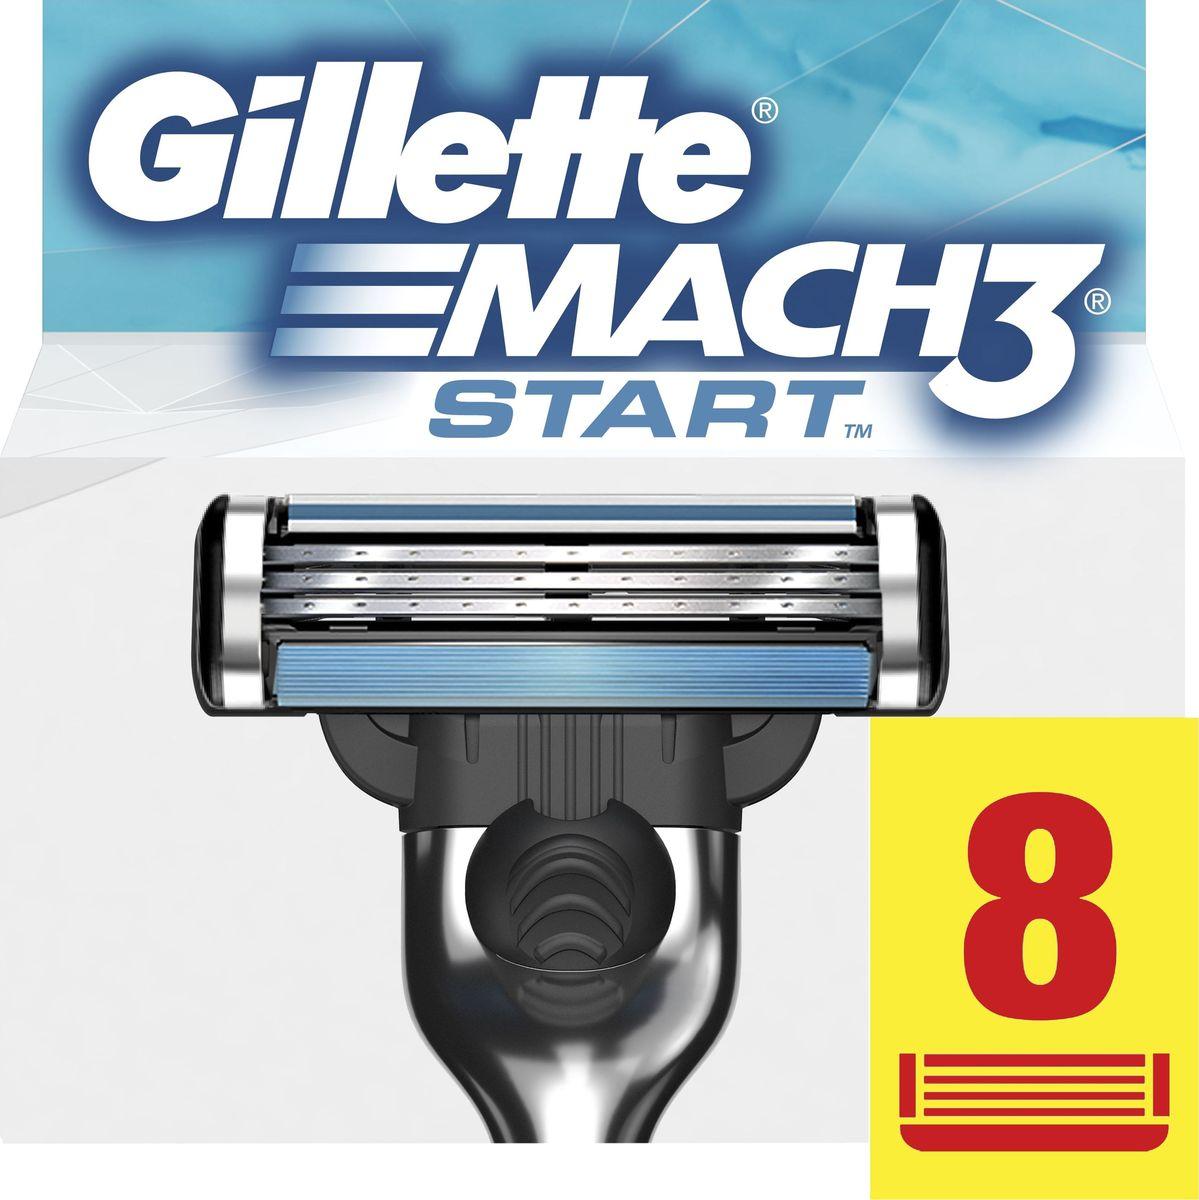 Gillette Mach 3 Start Сменные кассеты для бритвы, 8 штMAG-81651734Сменные кассеты для мужской бритвы Gillette Mach 3 Start обеспечивают гладкое бритье без покраснения кожи, а ощущения даже при 10-м их использовании лучше, чем при бритье новой одноразовой бритвой (по сравнению с одноразовой бритвой Gillette BlueII Plus). Каждая сменная кассета оснащена 3 лезвиями DuraComfort, обеспечивающими длительный комфорт, а гелевая полоска скользит по коже, предотвращая ее покраснение. Эти сменные кассеты для бритвы Mach 3 Start подходят к любой бритве Mach 3.